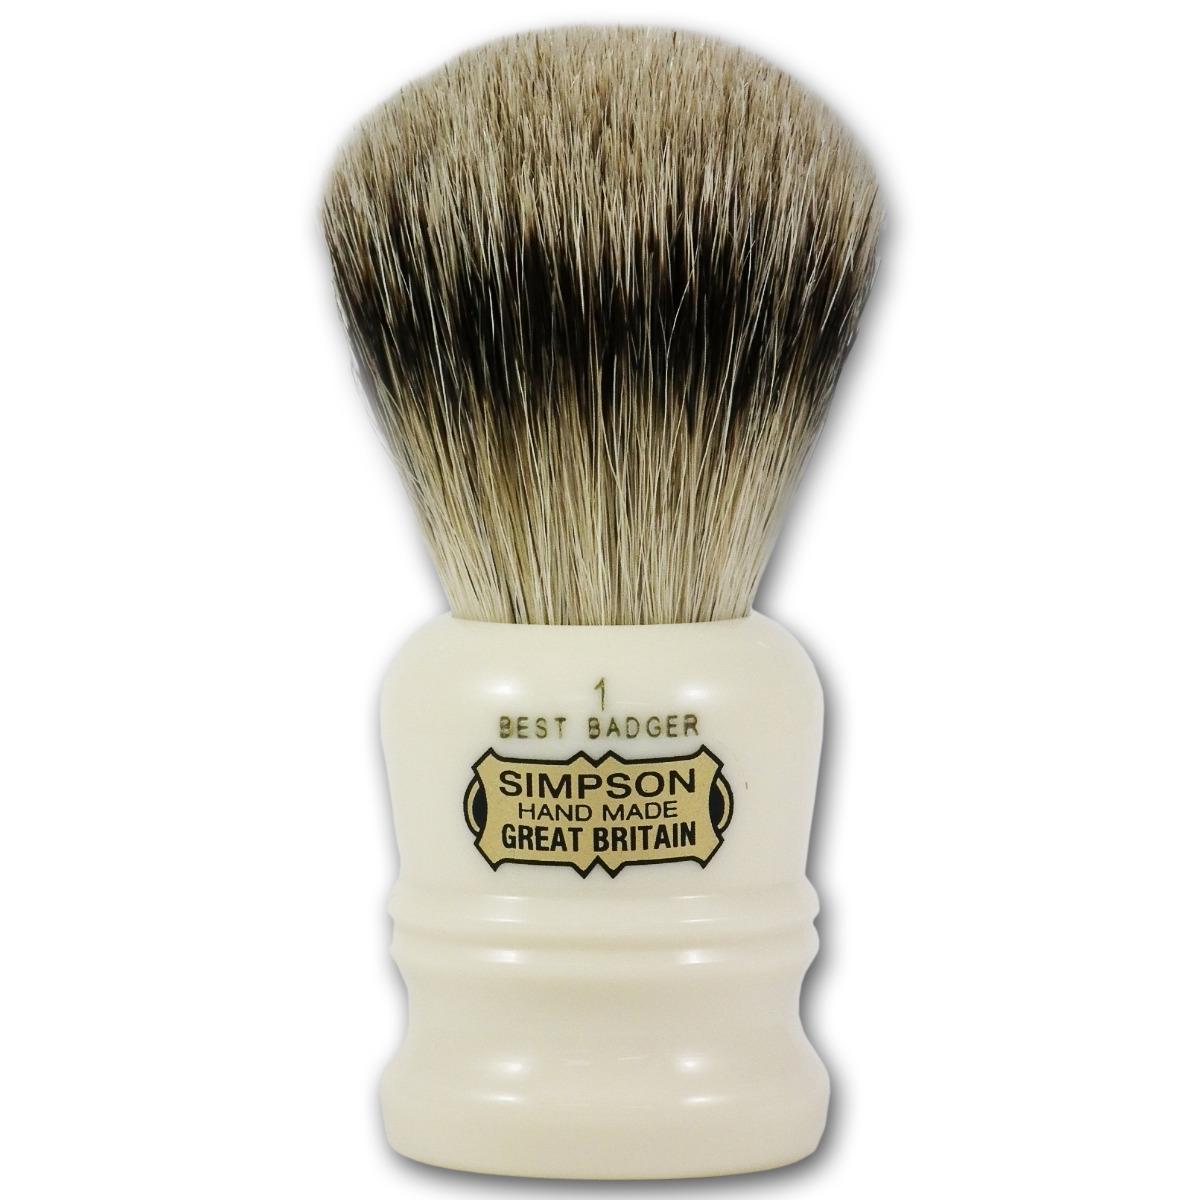 Simpsons Duke 1 Best Badger Hair Shaving Brush